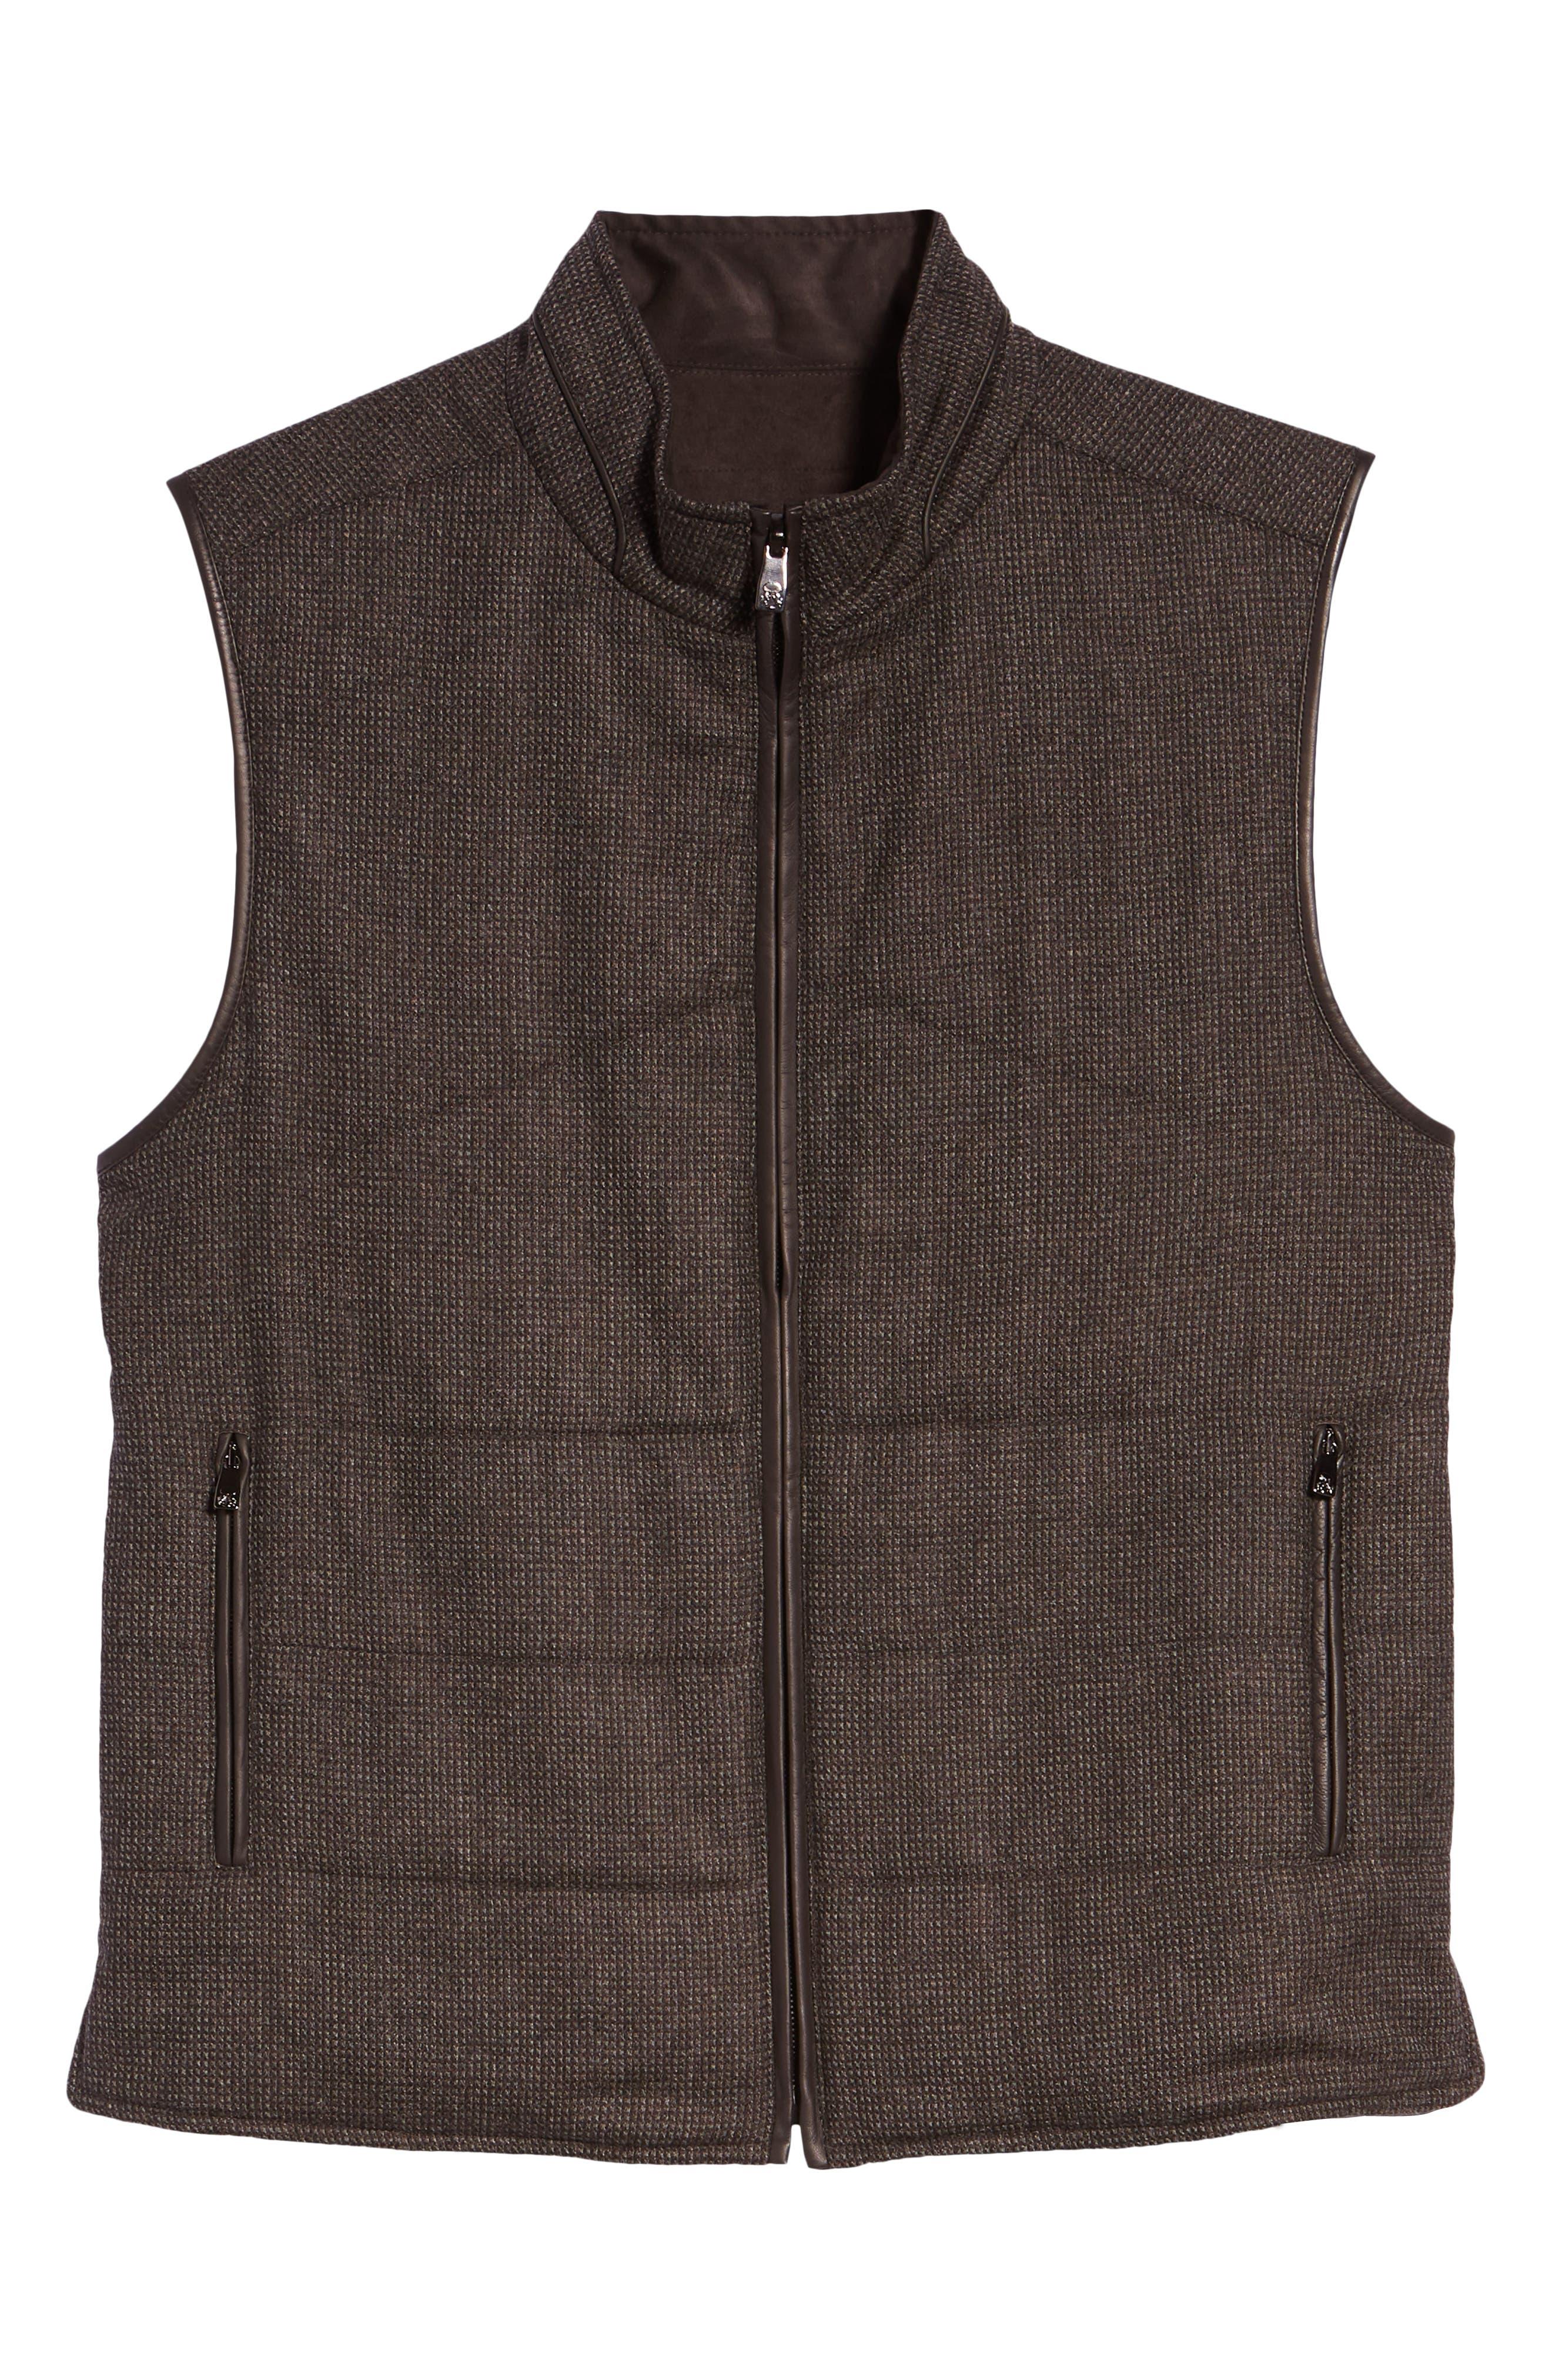 Classic Fit Reversible Vest,                             Alternate thumbnail 6, color,                             BROWN